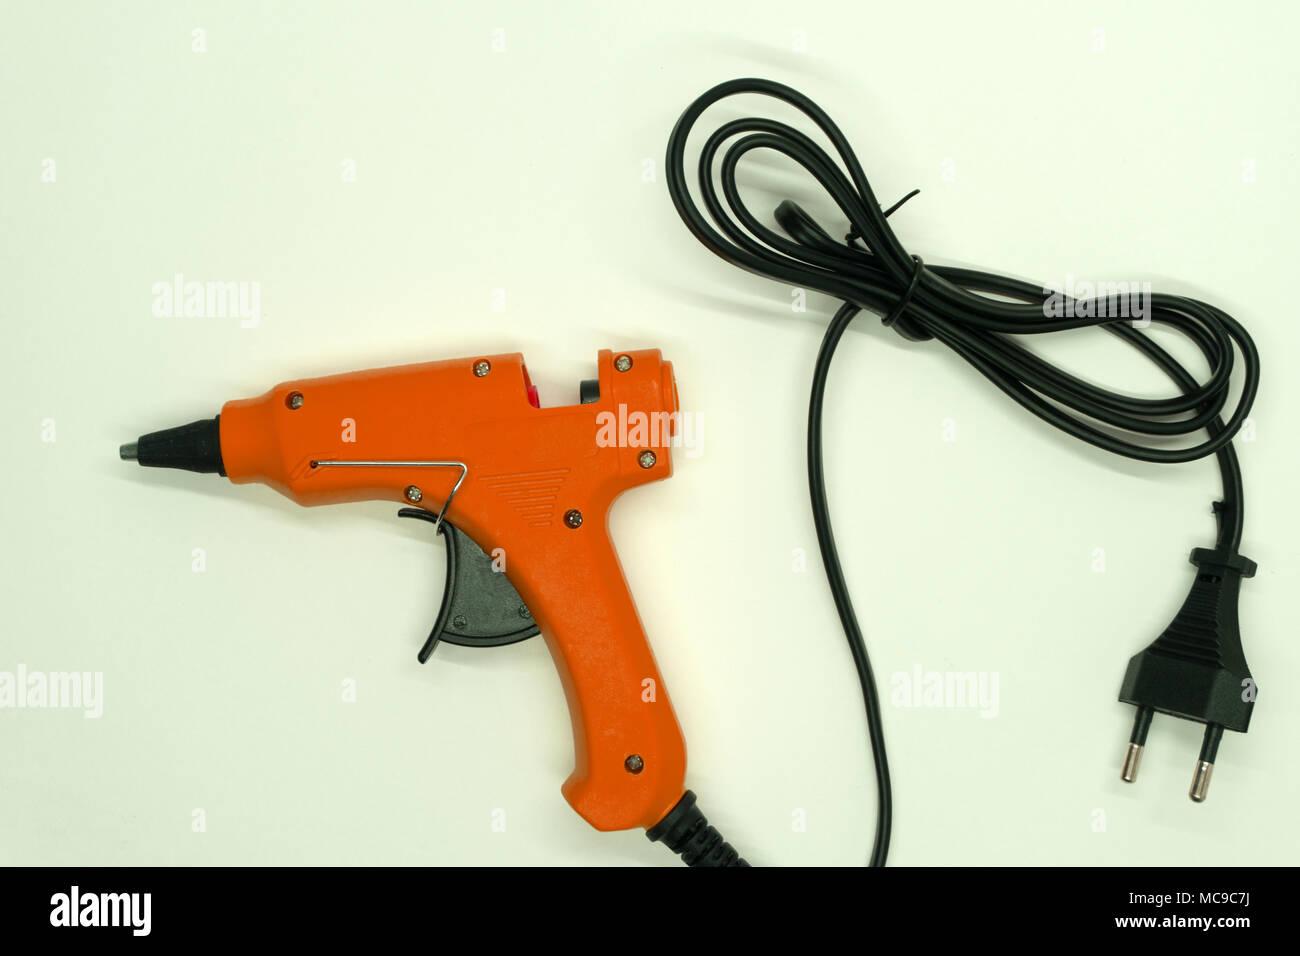 Pistola per colla a caldo stick adesivo bianco utensile Immagini Stock